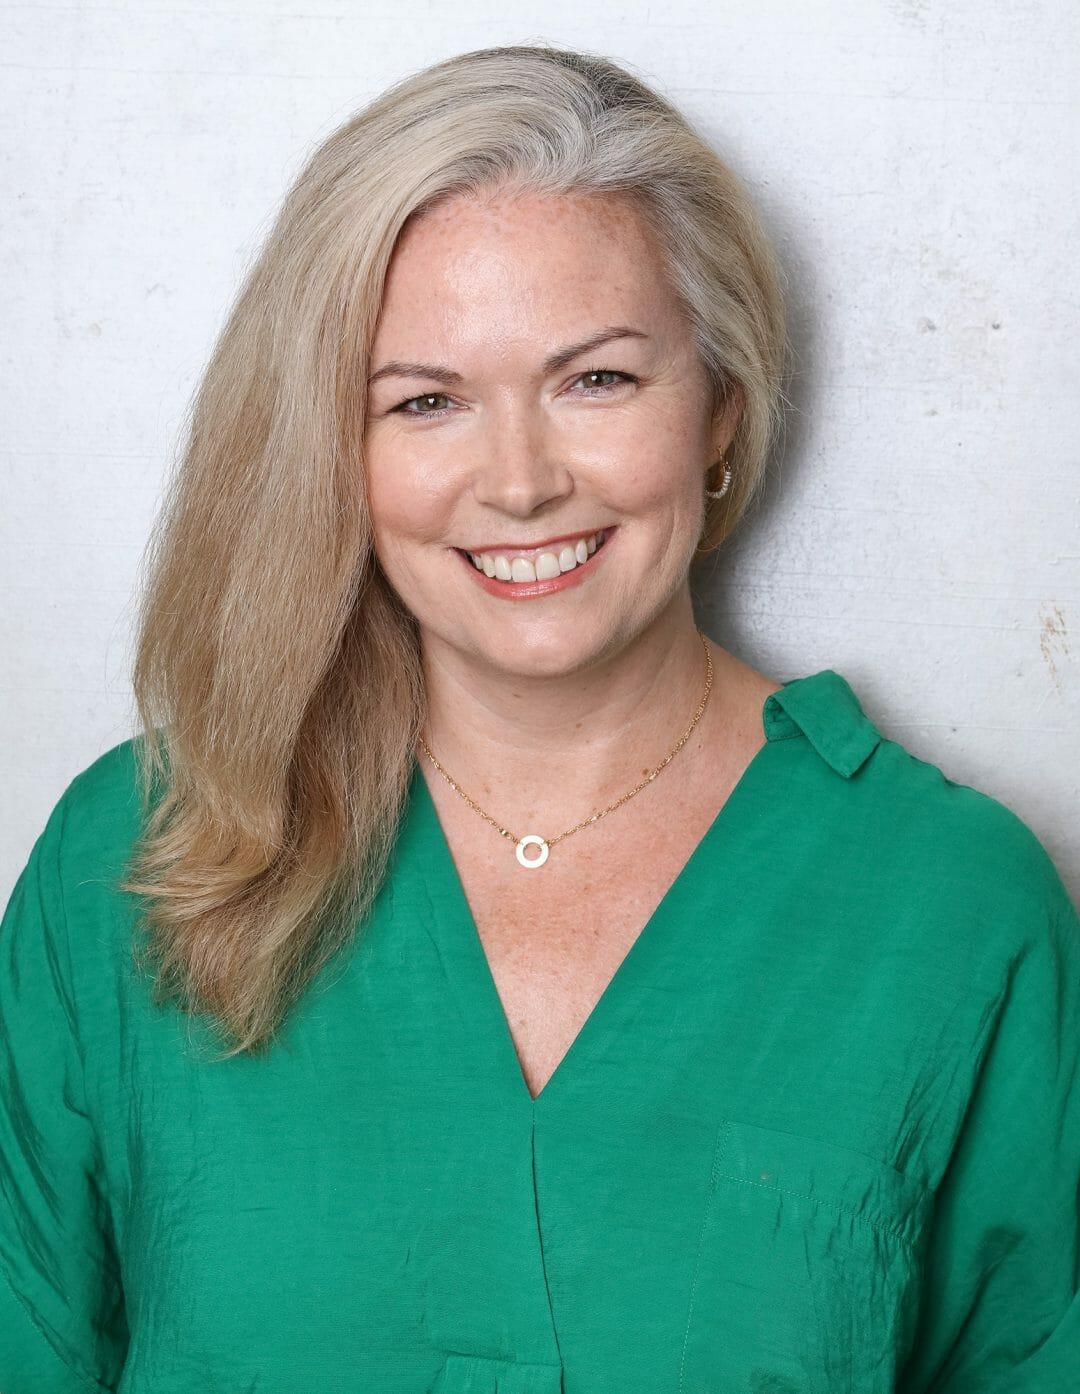 Zoe Peden is Principal at Ananda Impact Ventures